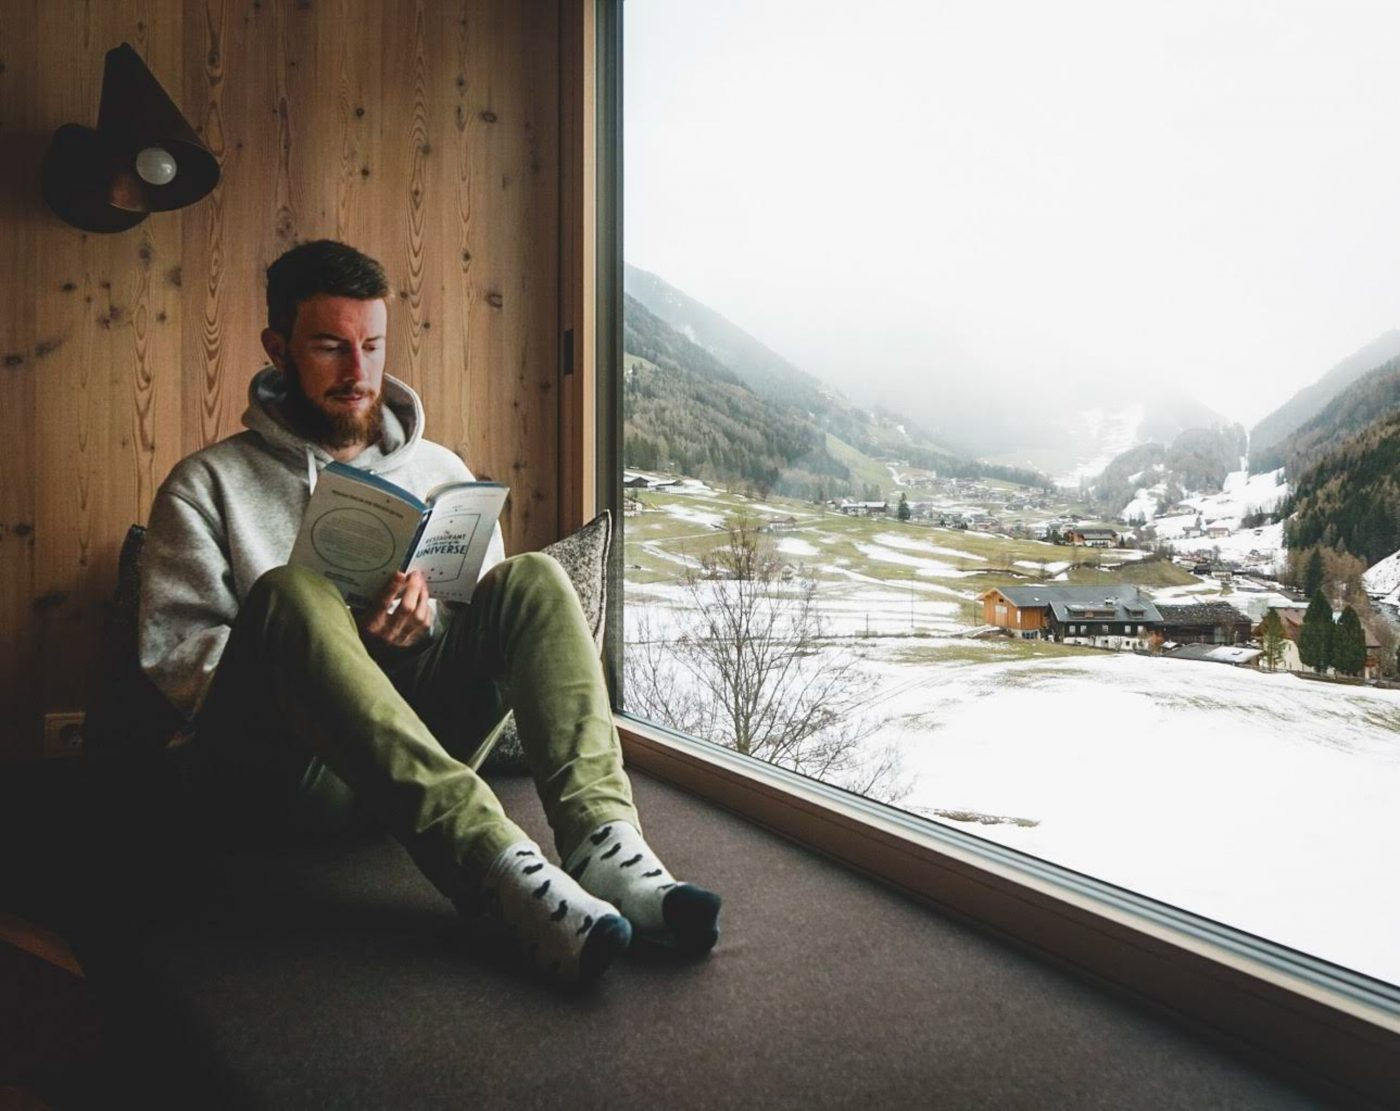 Hotel Bühelwirt in Ahrntal, South Tyrol